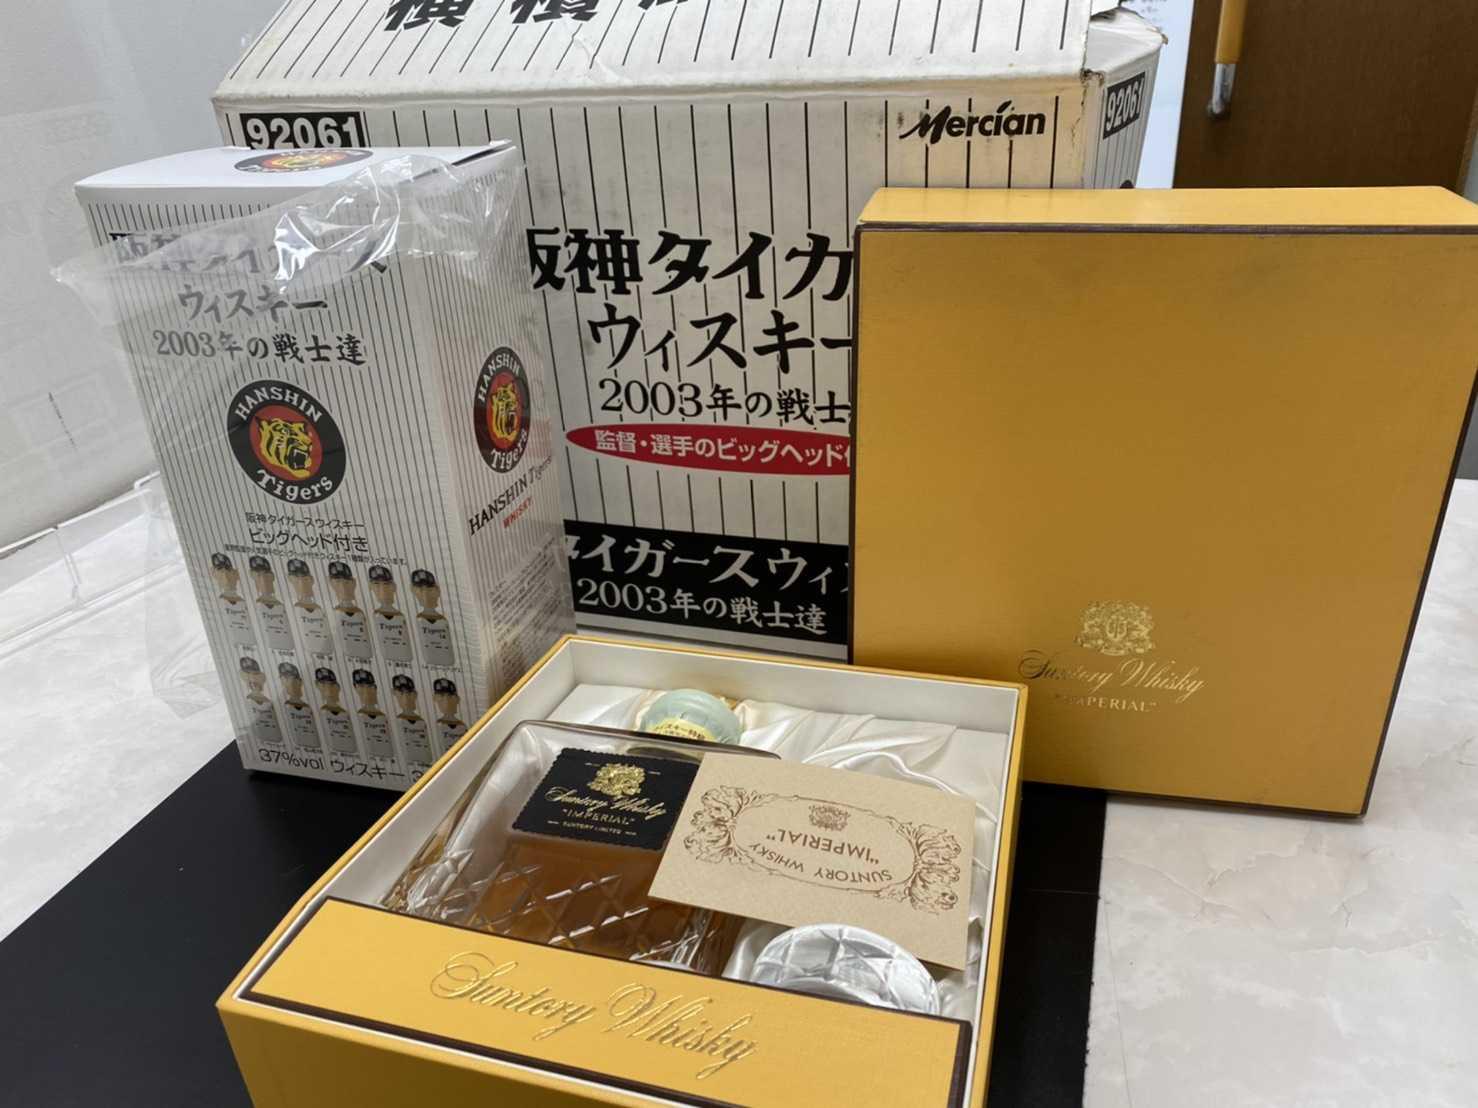 お酒買取 阪神タイガース ウイスキー 2003年の戦士達 12本セット